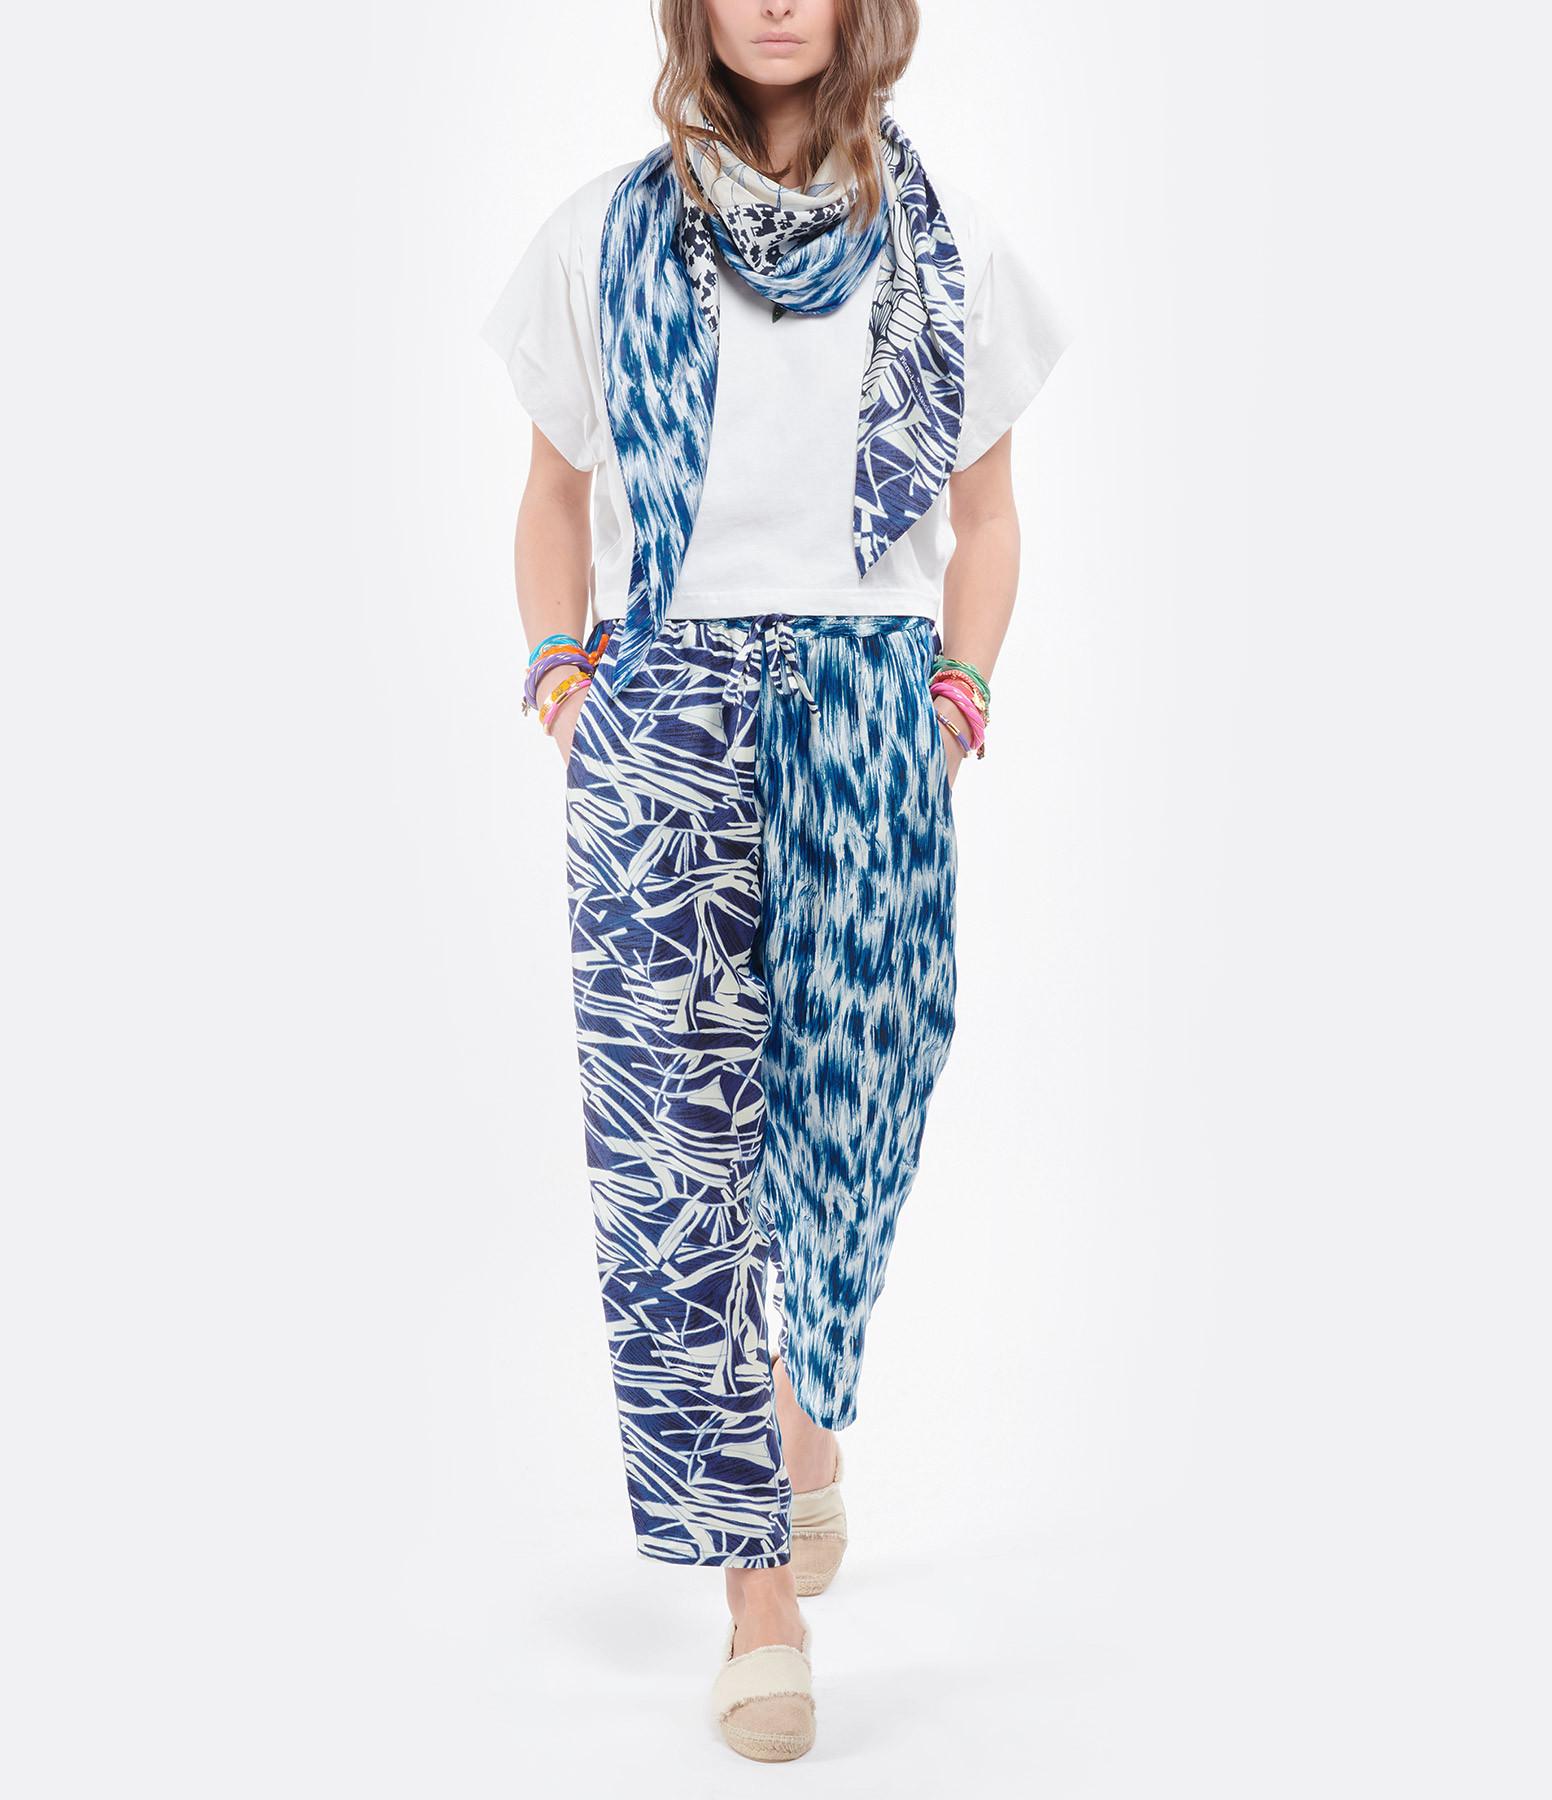 PIERRE-LOUIS MASCIA - Foulard Aloeuw Soie Imprimé Bleu 100 x 100cm